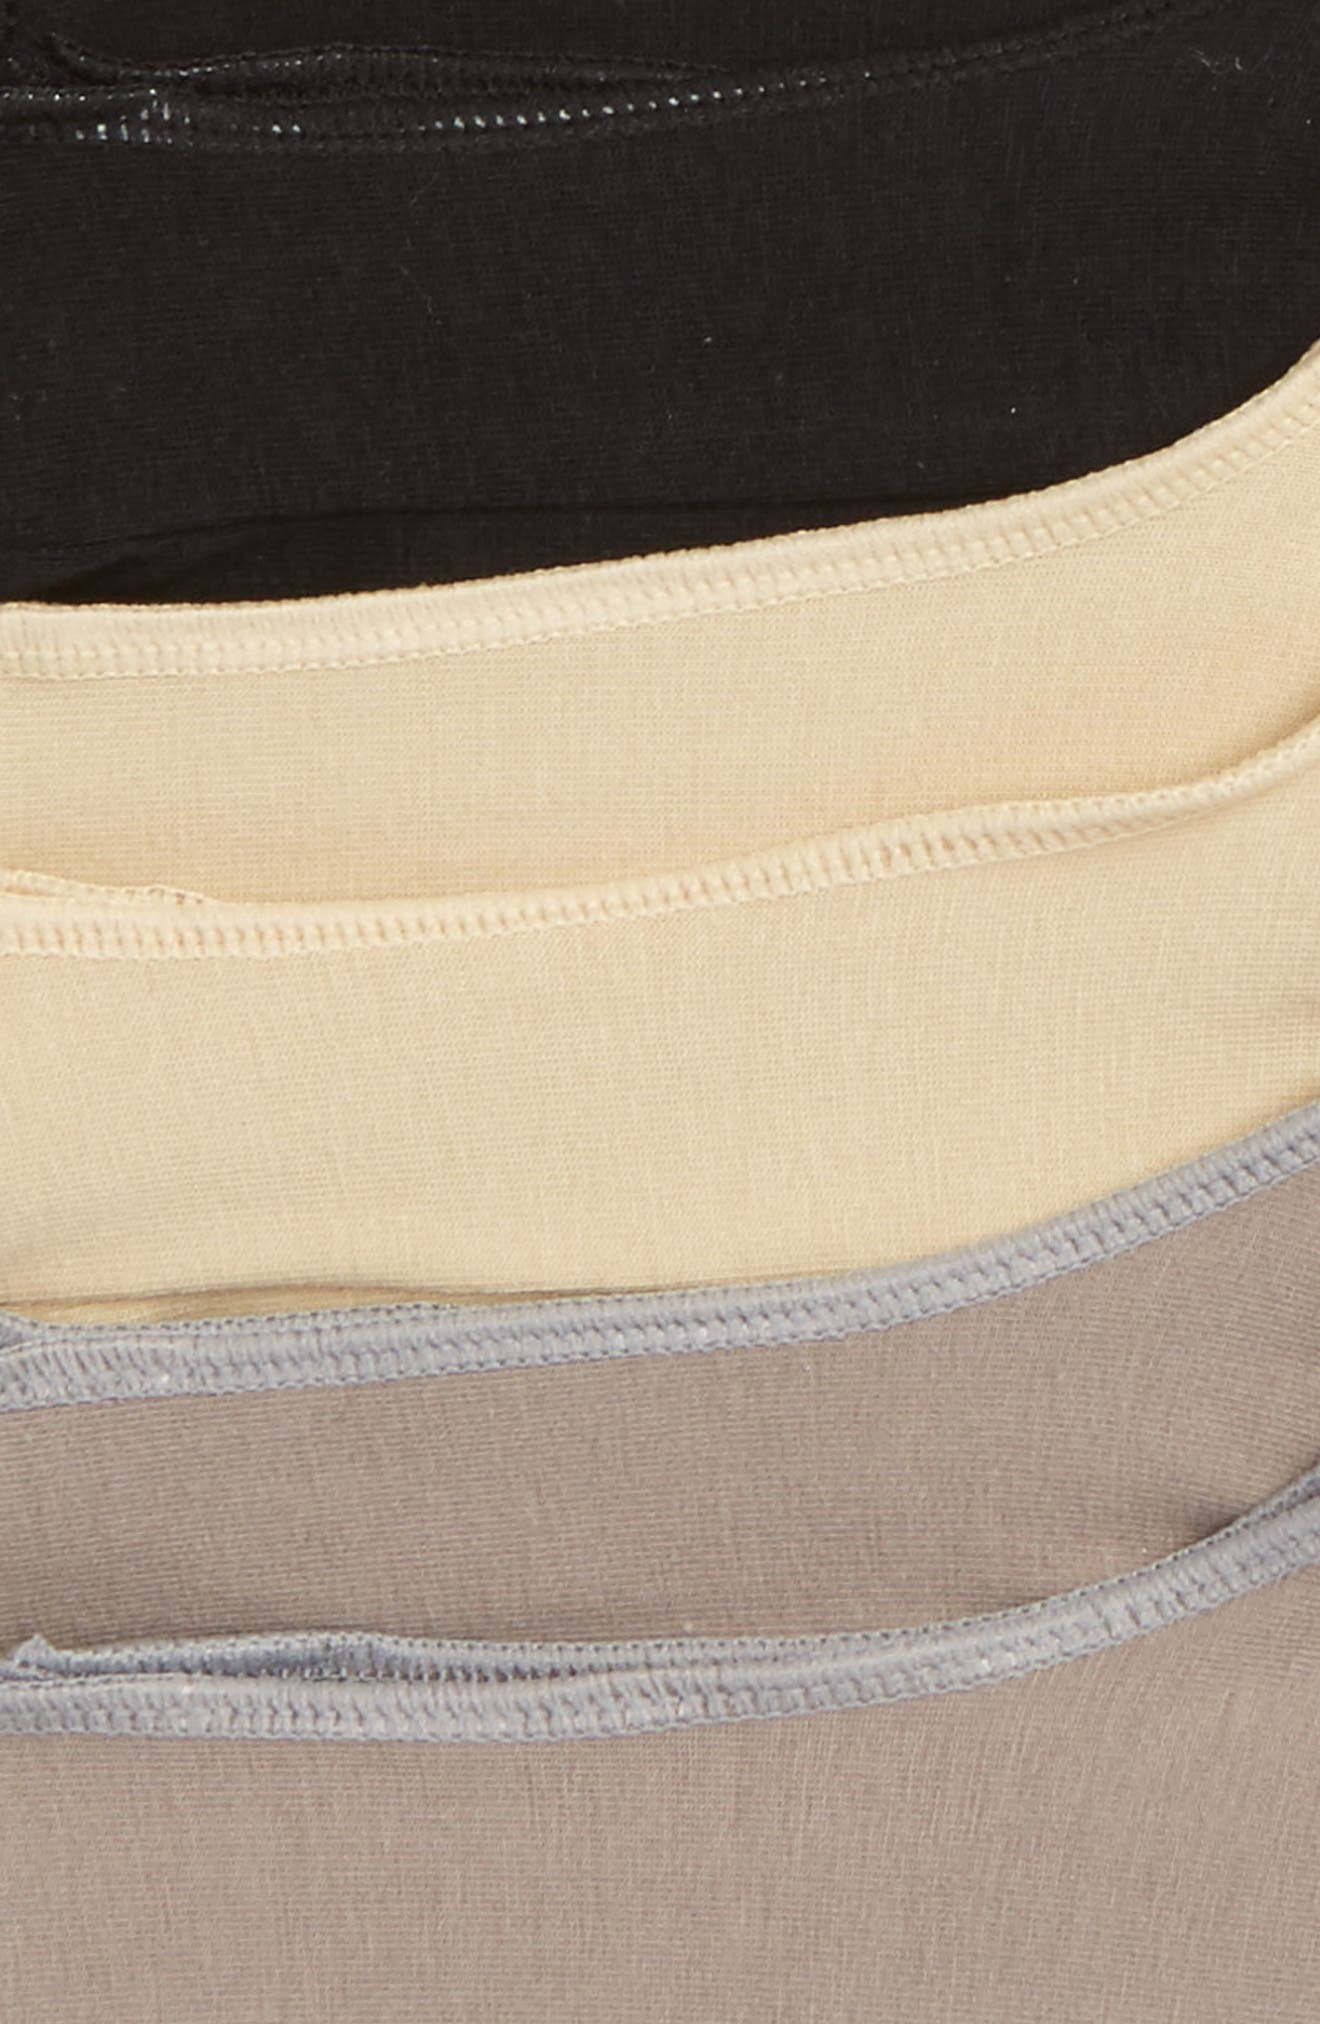 3-Pack Liner Socks,                             Alternate thumbnail 3, color,